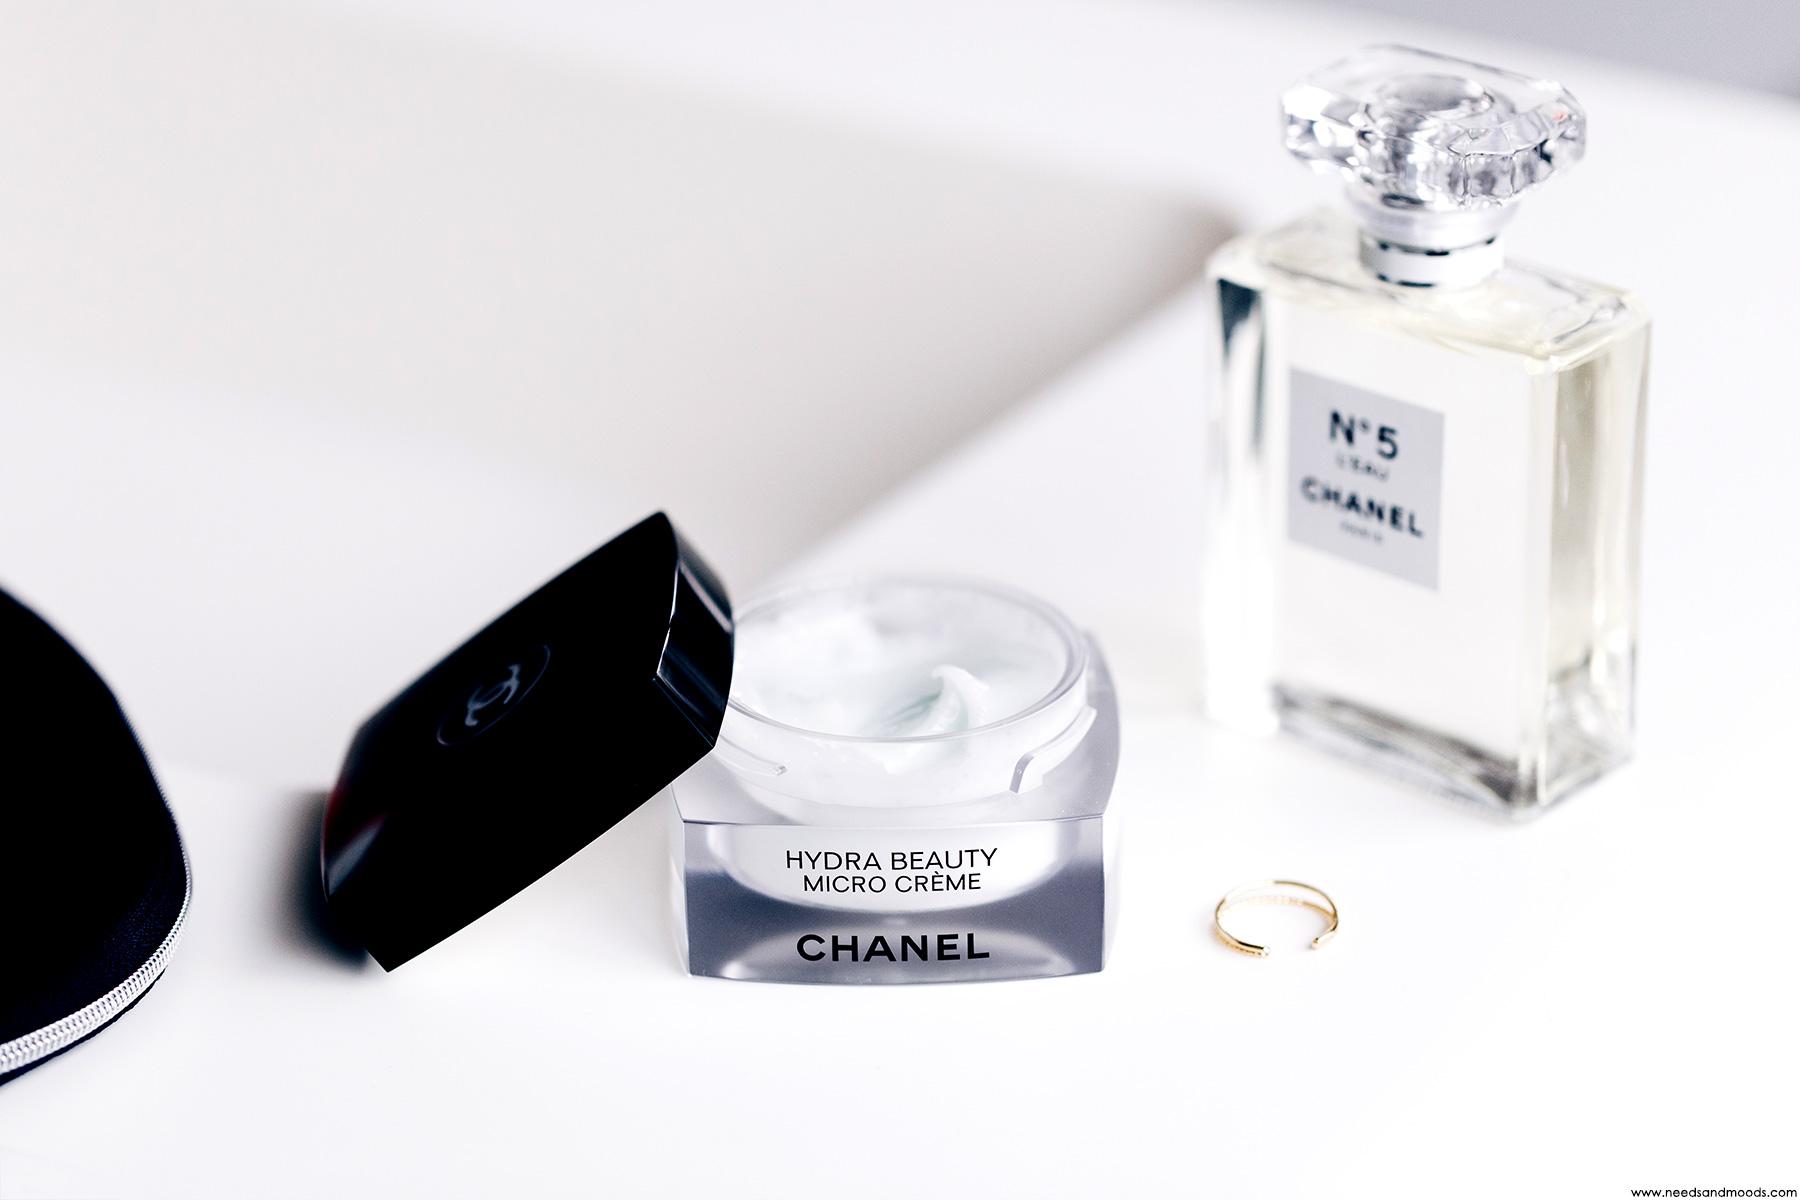 chanel hydra beauty avis